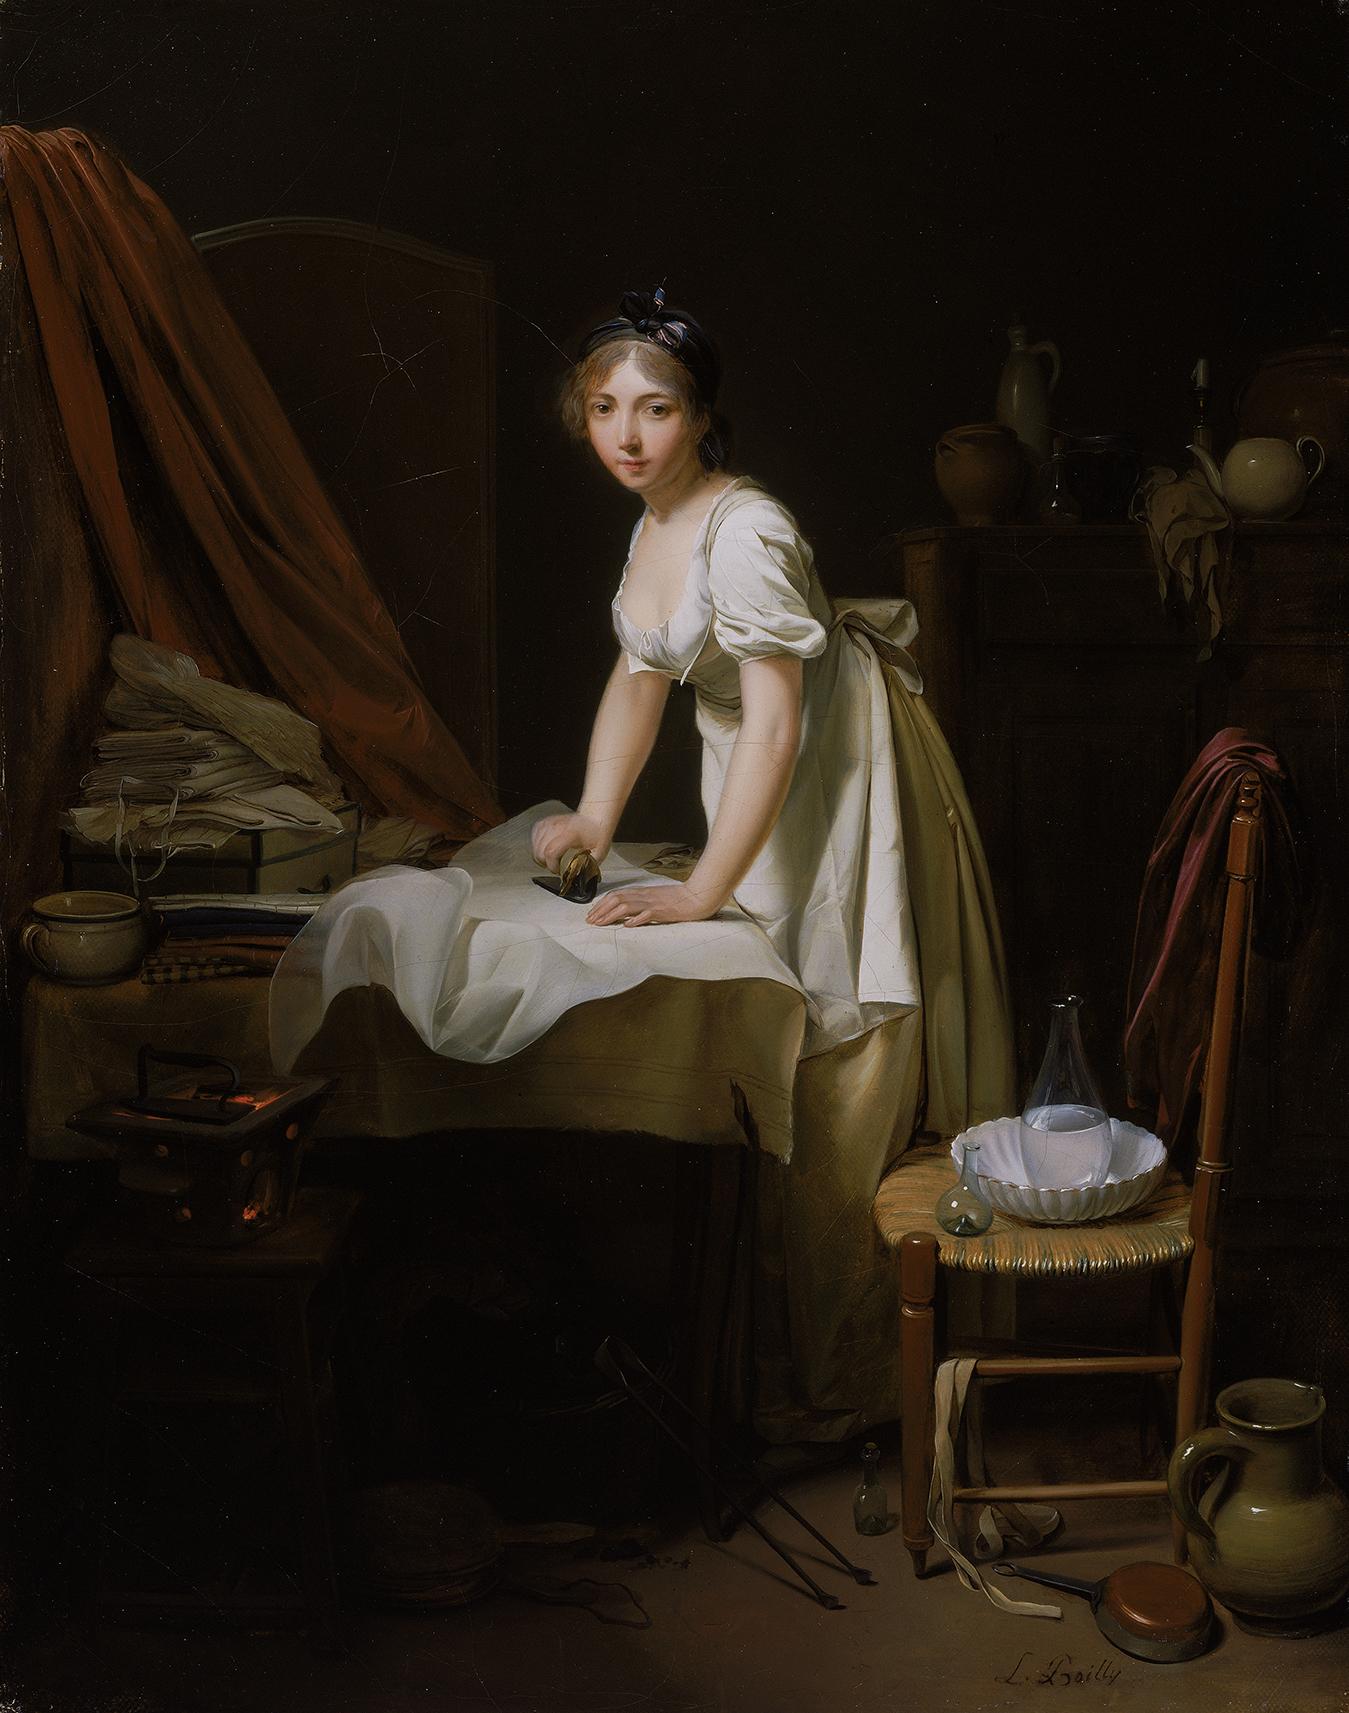 ルイ=レオポルド・ボワイー《アイロンをかける若い女性》1800年頃  Charles H. Bayley Picture and Painting Fund 1983.10